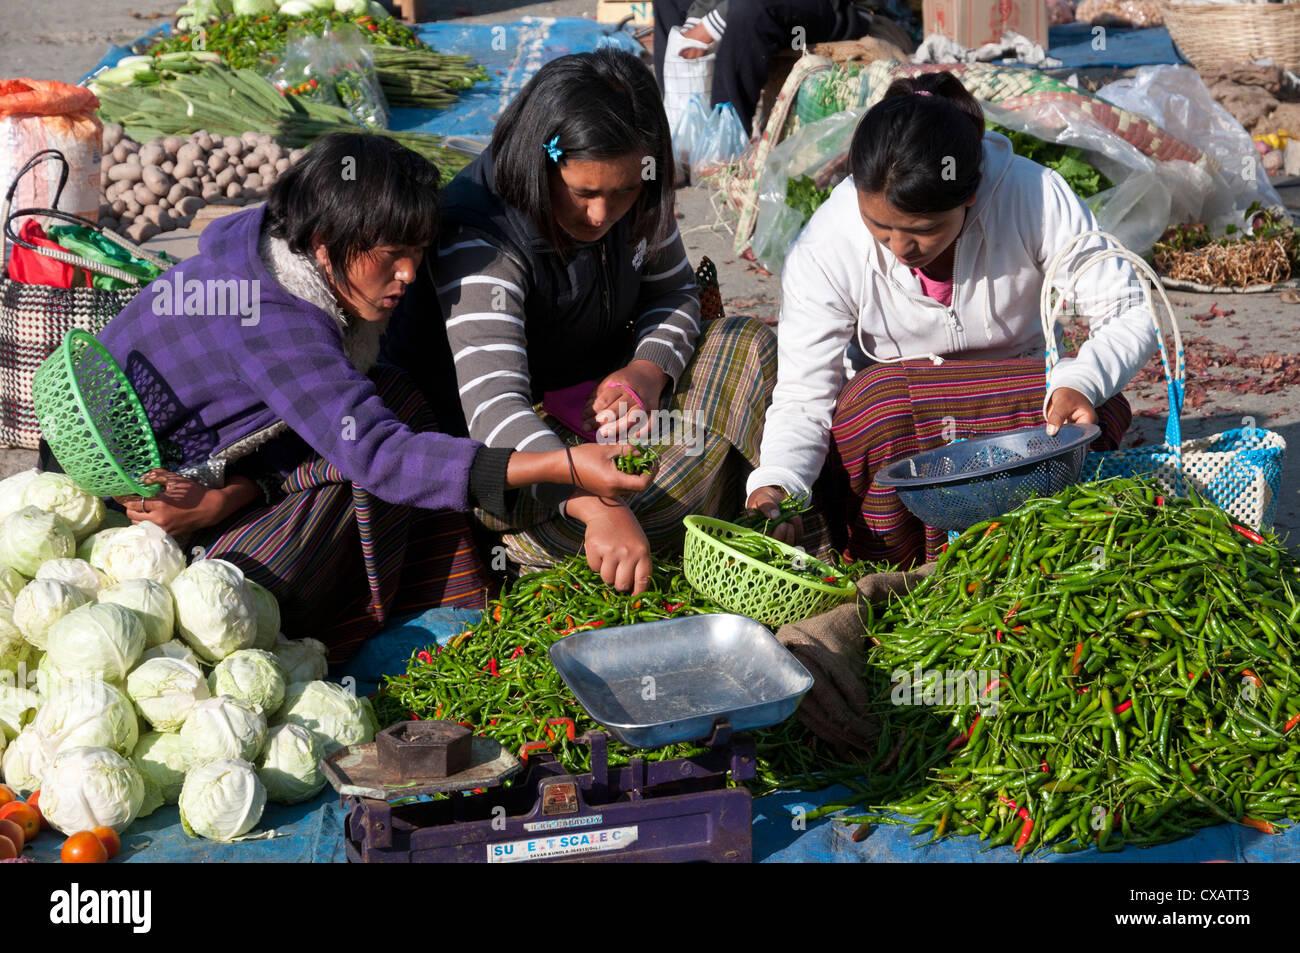 Marché alimentaire hebdomadaire du dimanche. Paro, Bhoutan, Asie Photo Stock